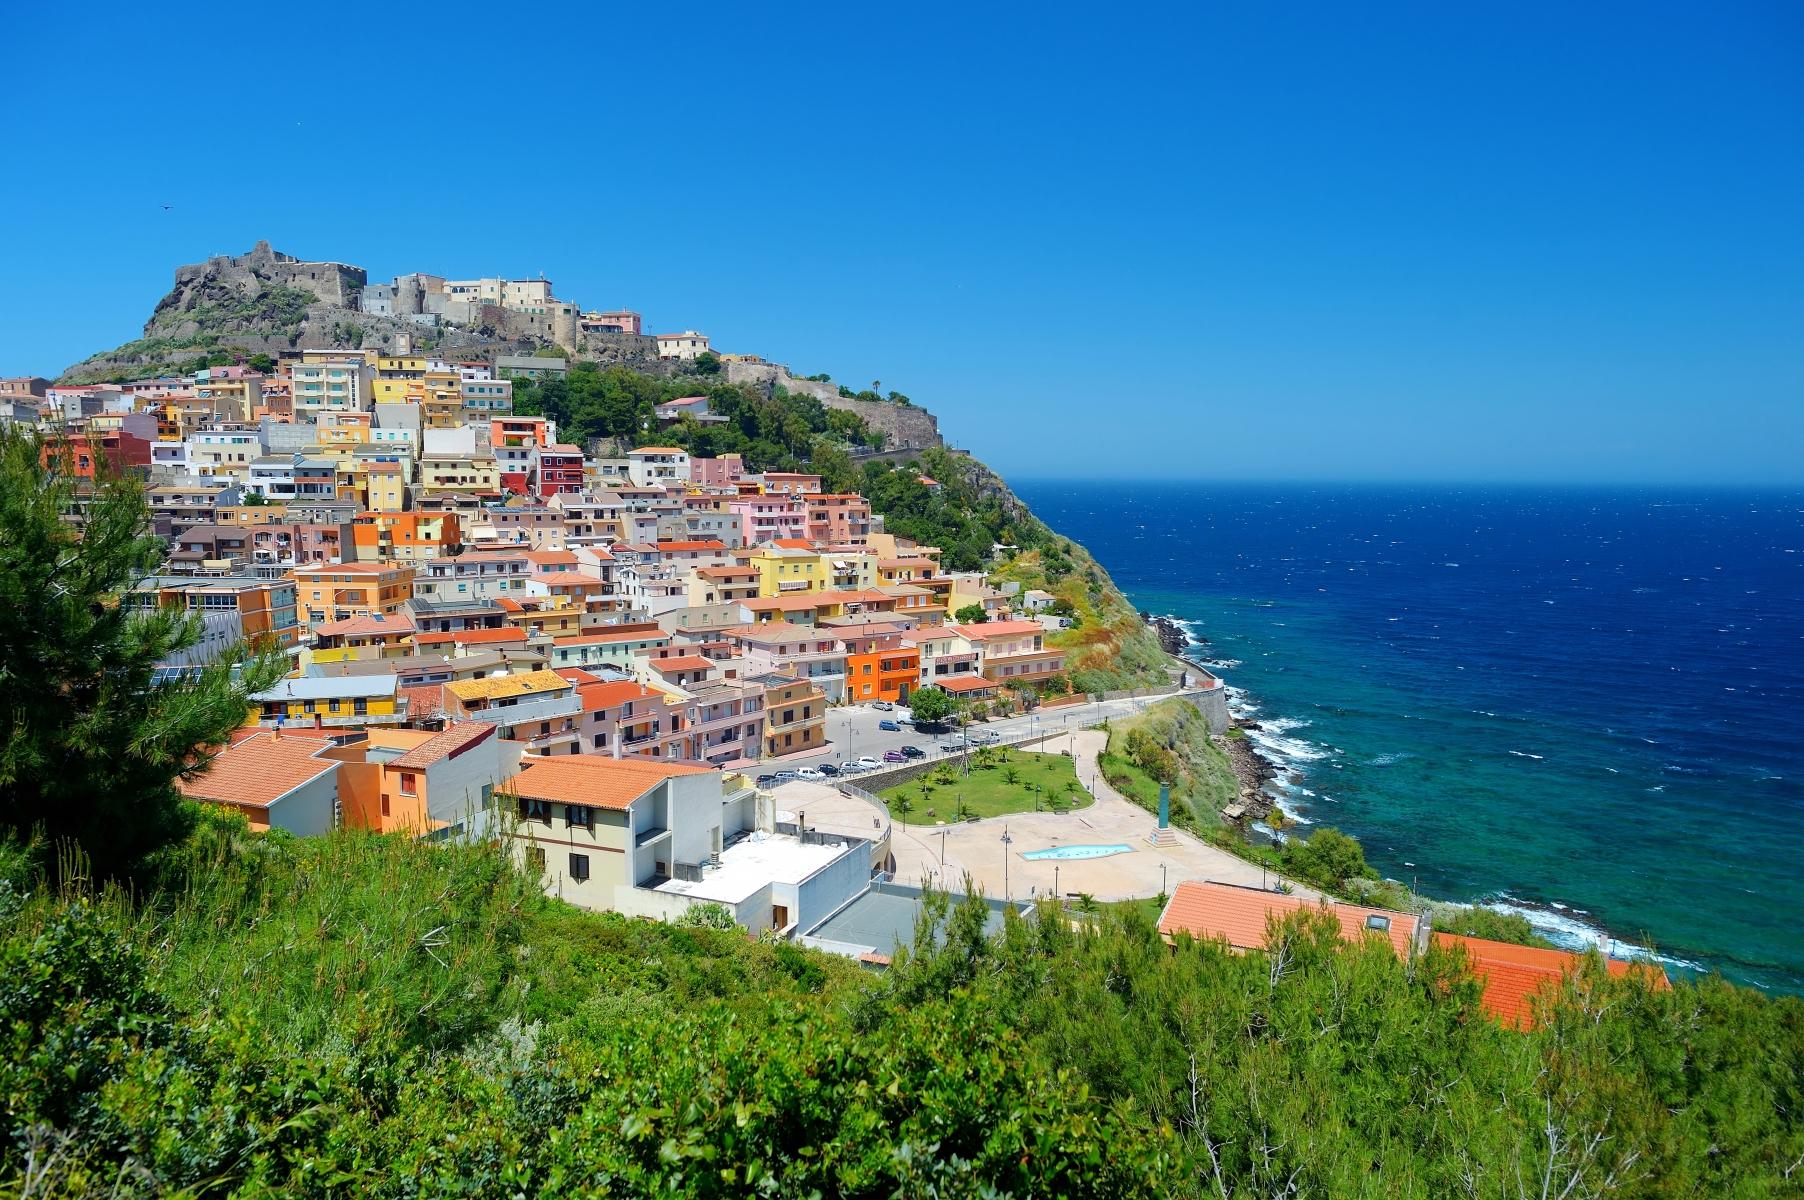 Noleggiare un auto in Sardegna a basso costo